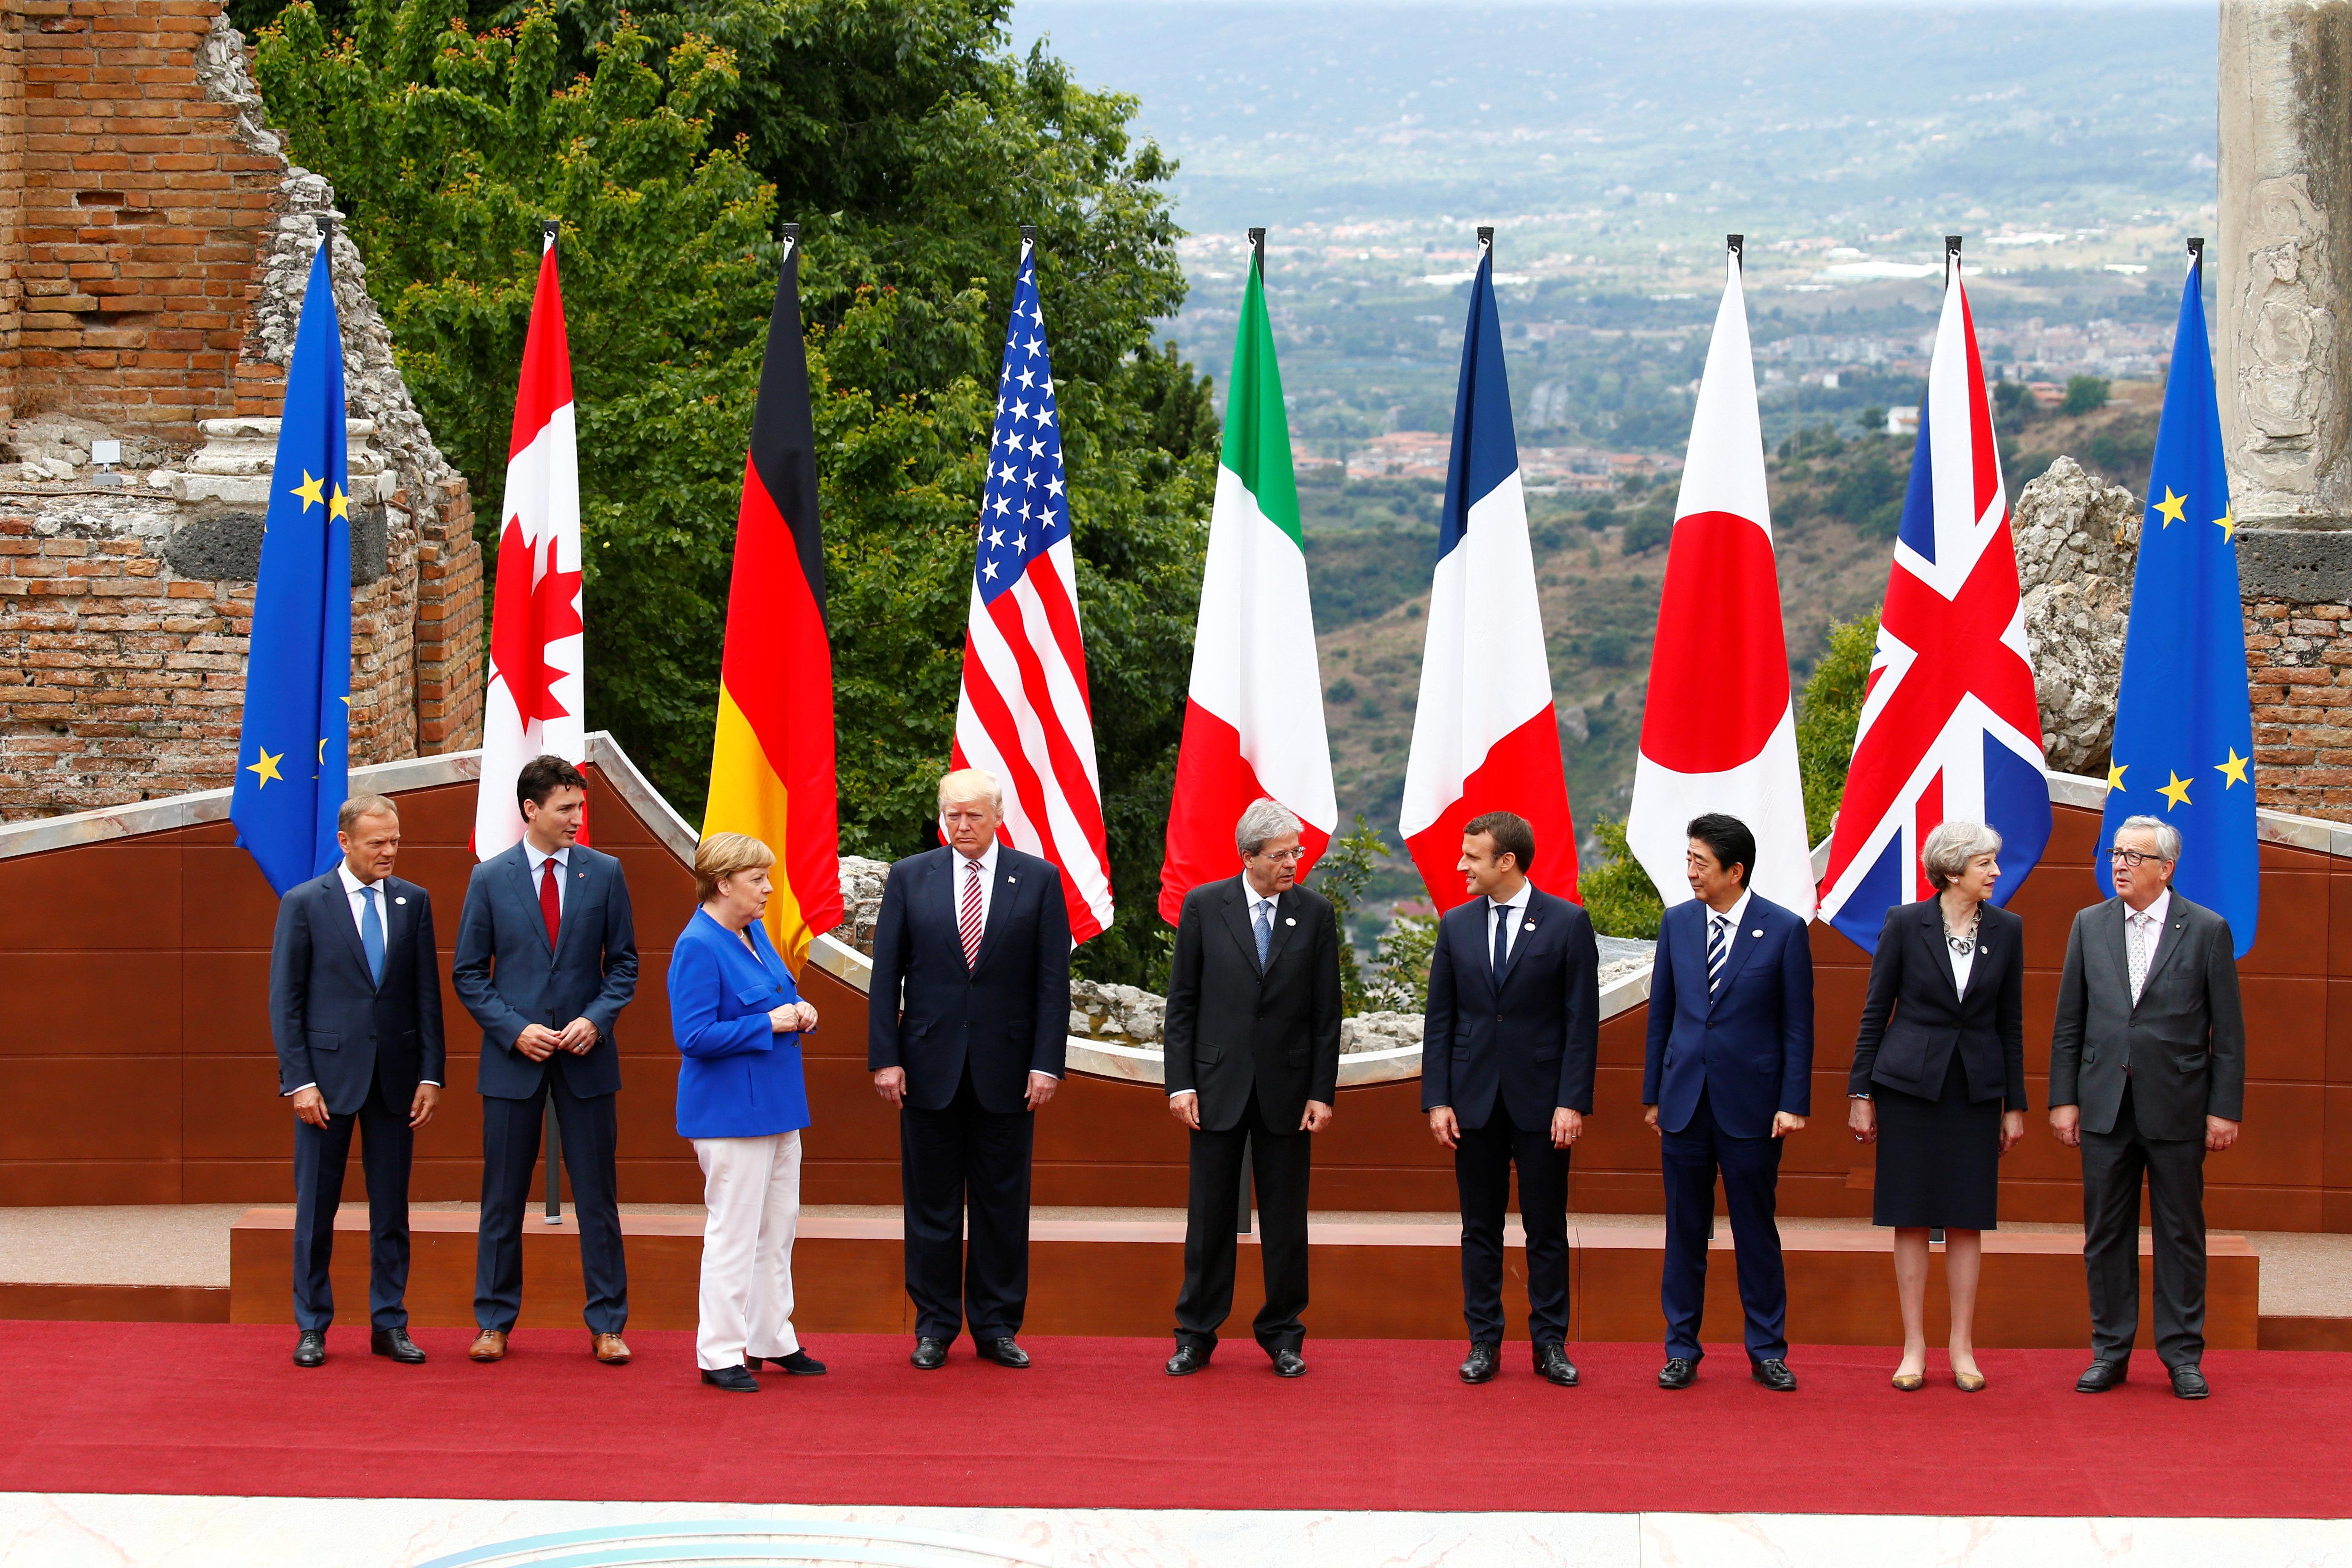 Ακονίζουν μαχαίρια οι 6 της G7 κατά του Τραμπ. Φορτισμένο το κλίμα στη Σύνοδο του Κεμπέκ εξαιτίας της επιβολής